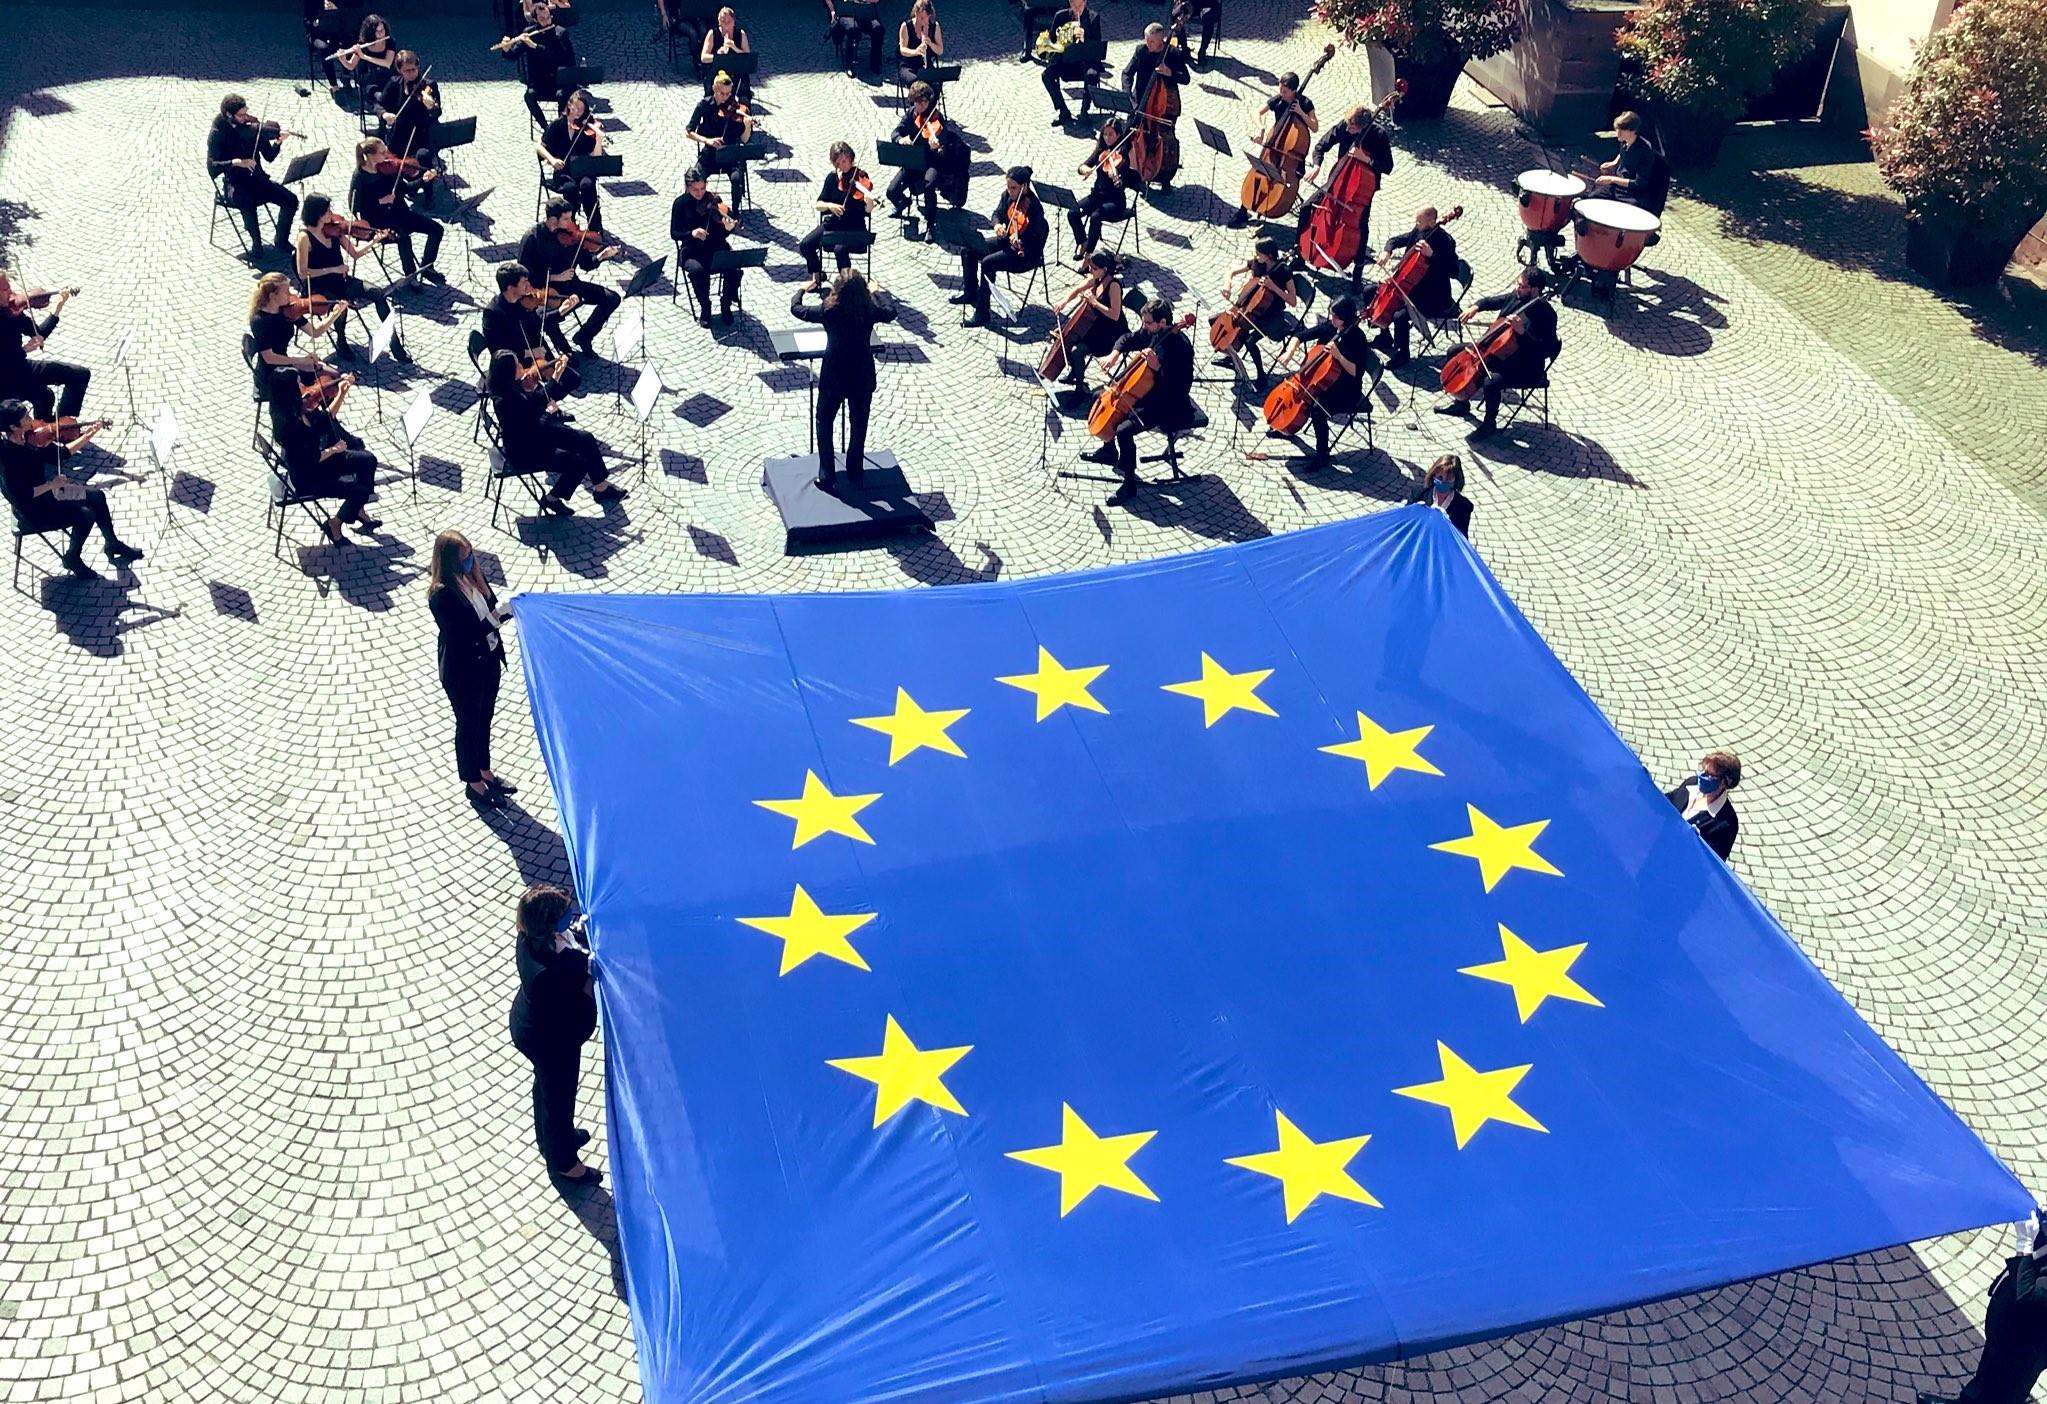 UE, journée, Europe, conférence, avenir, régions, collectivité, territoires, unis